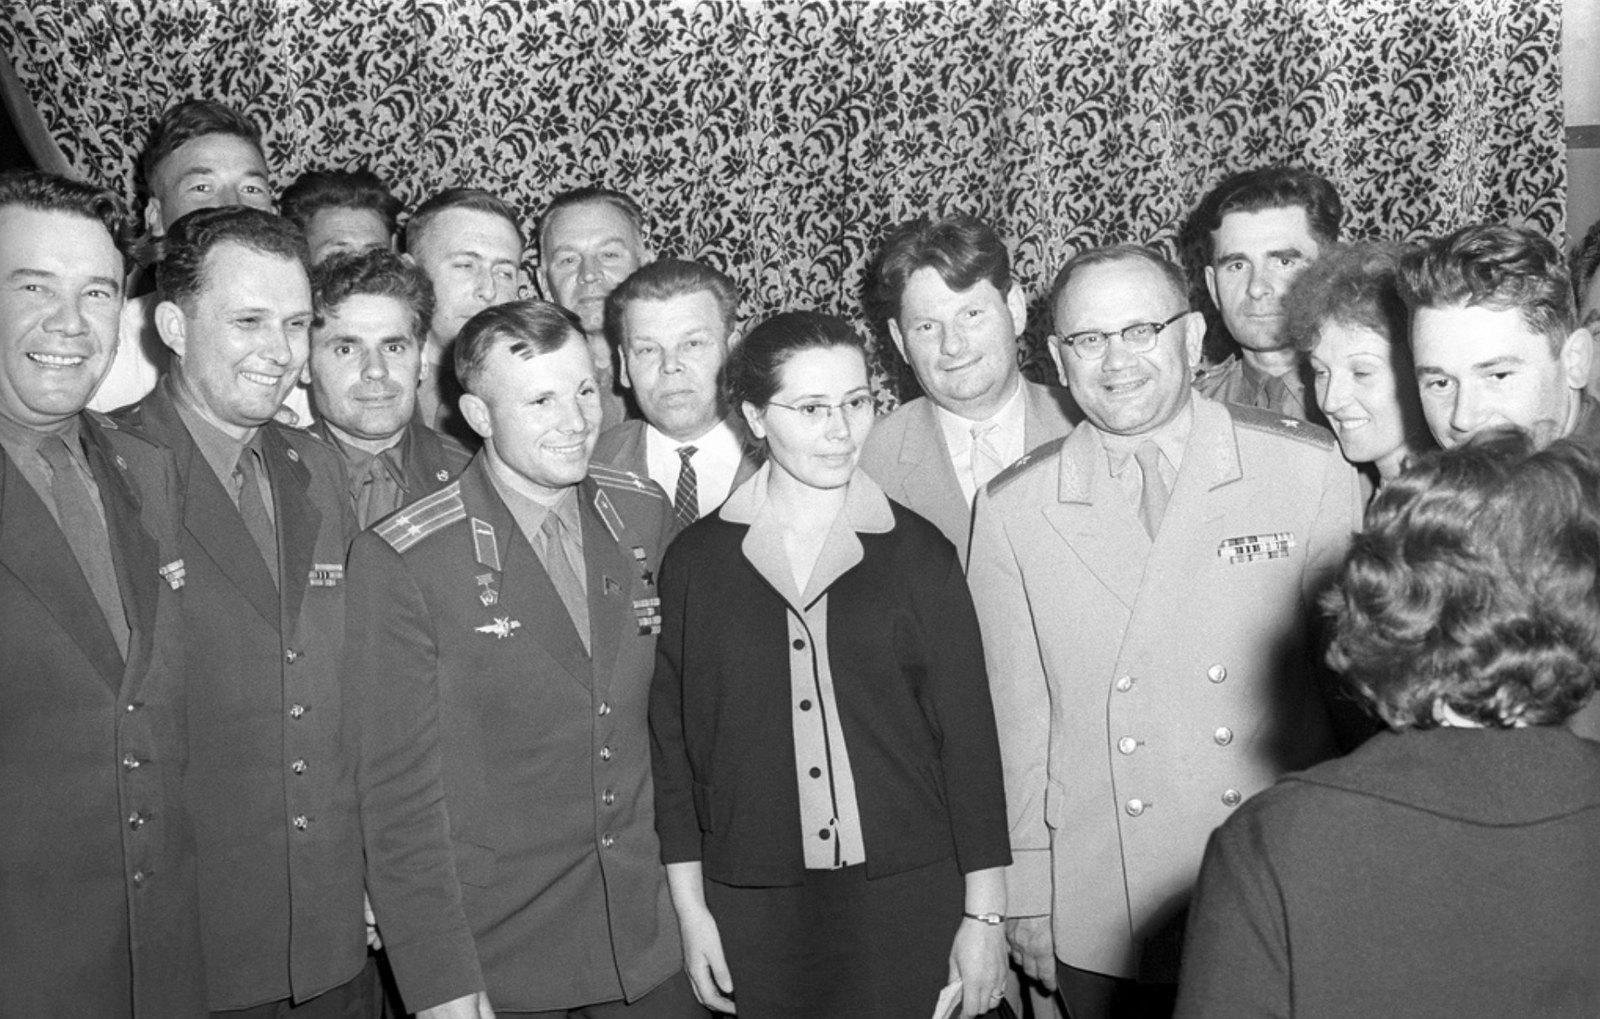 1961. Первый приезд. Ю.Гагарин с супругой в гостях у чекистов